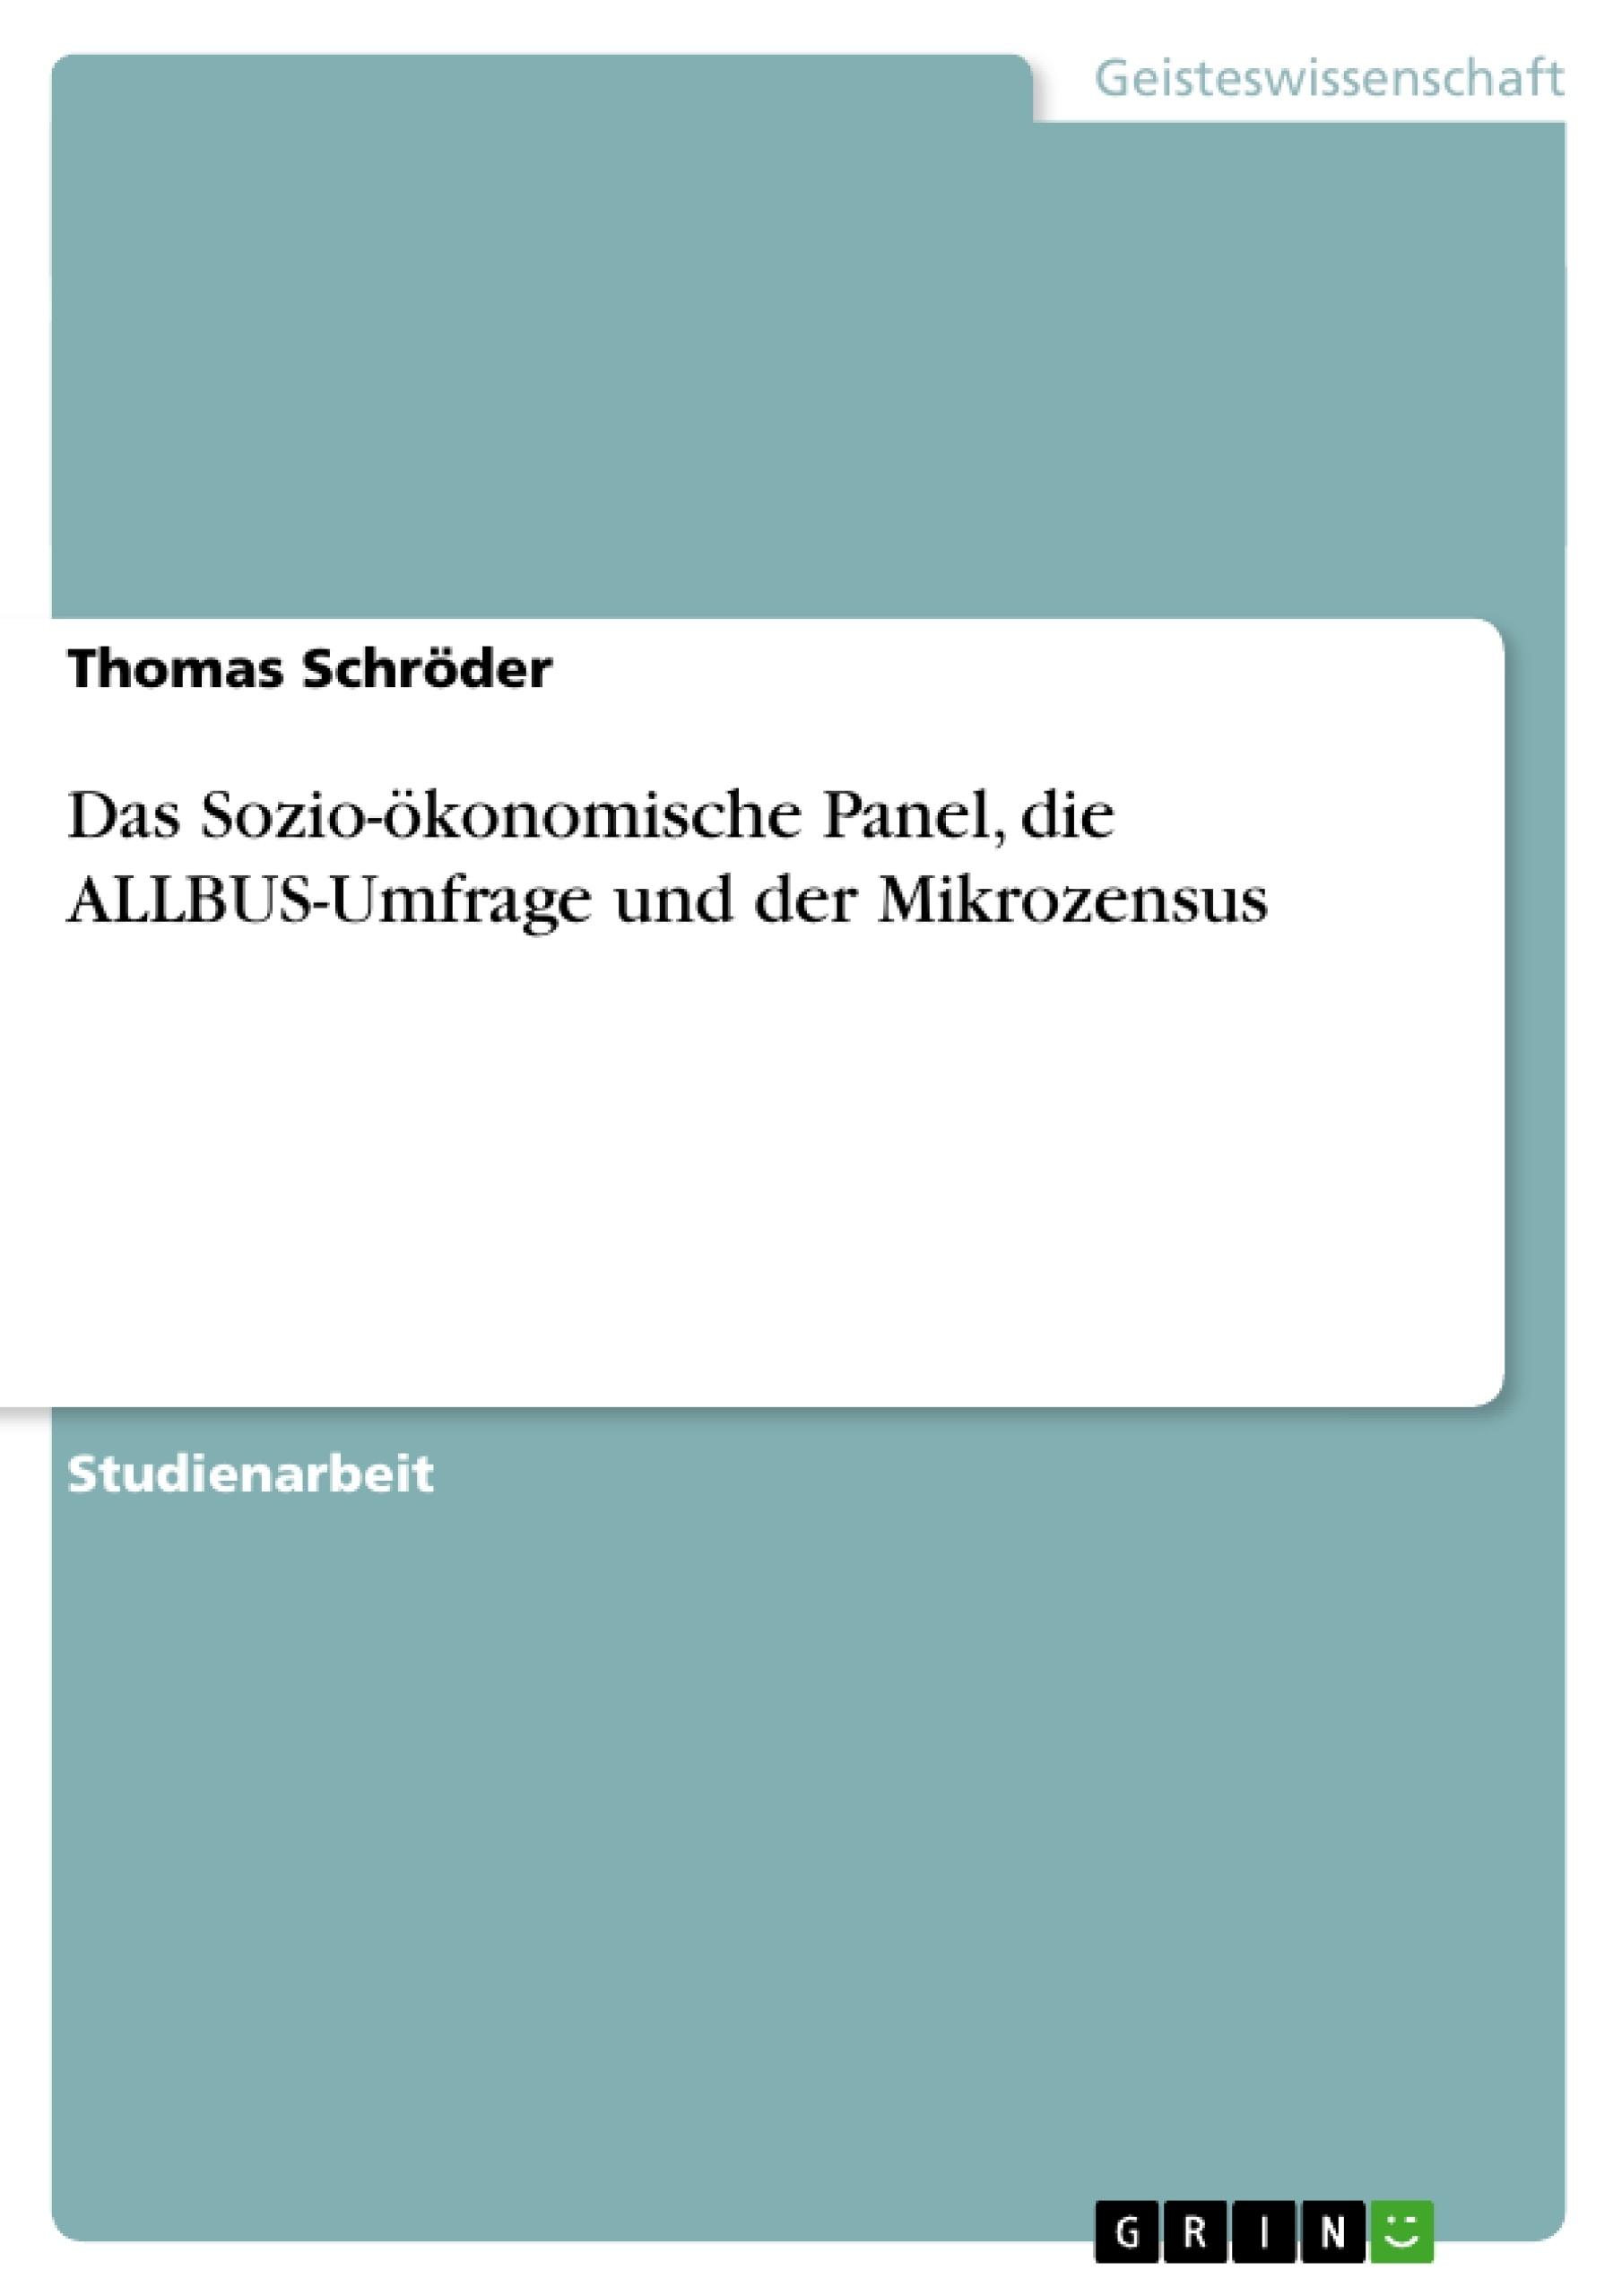 Titel: Das Sozio-ökonomische Panel, die ALLBUS-Umfrage und der Mikrozensus